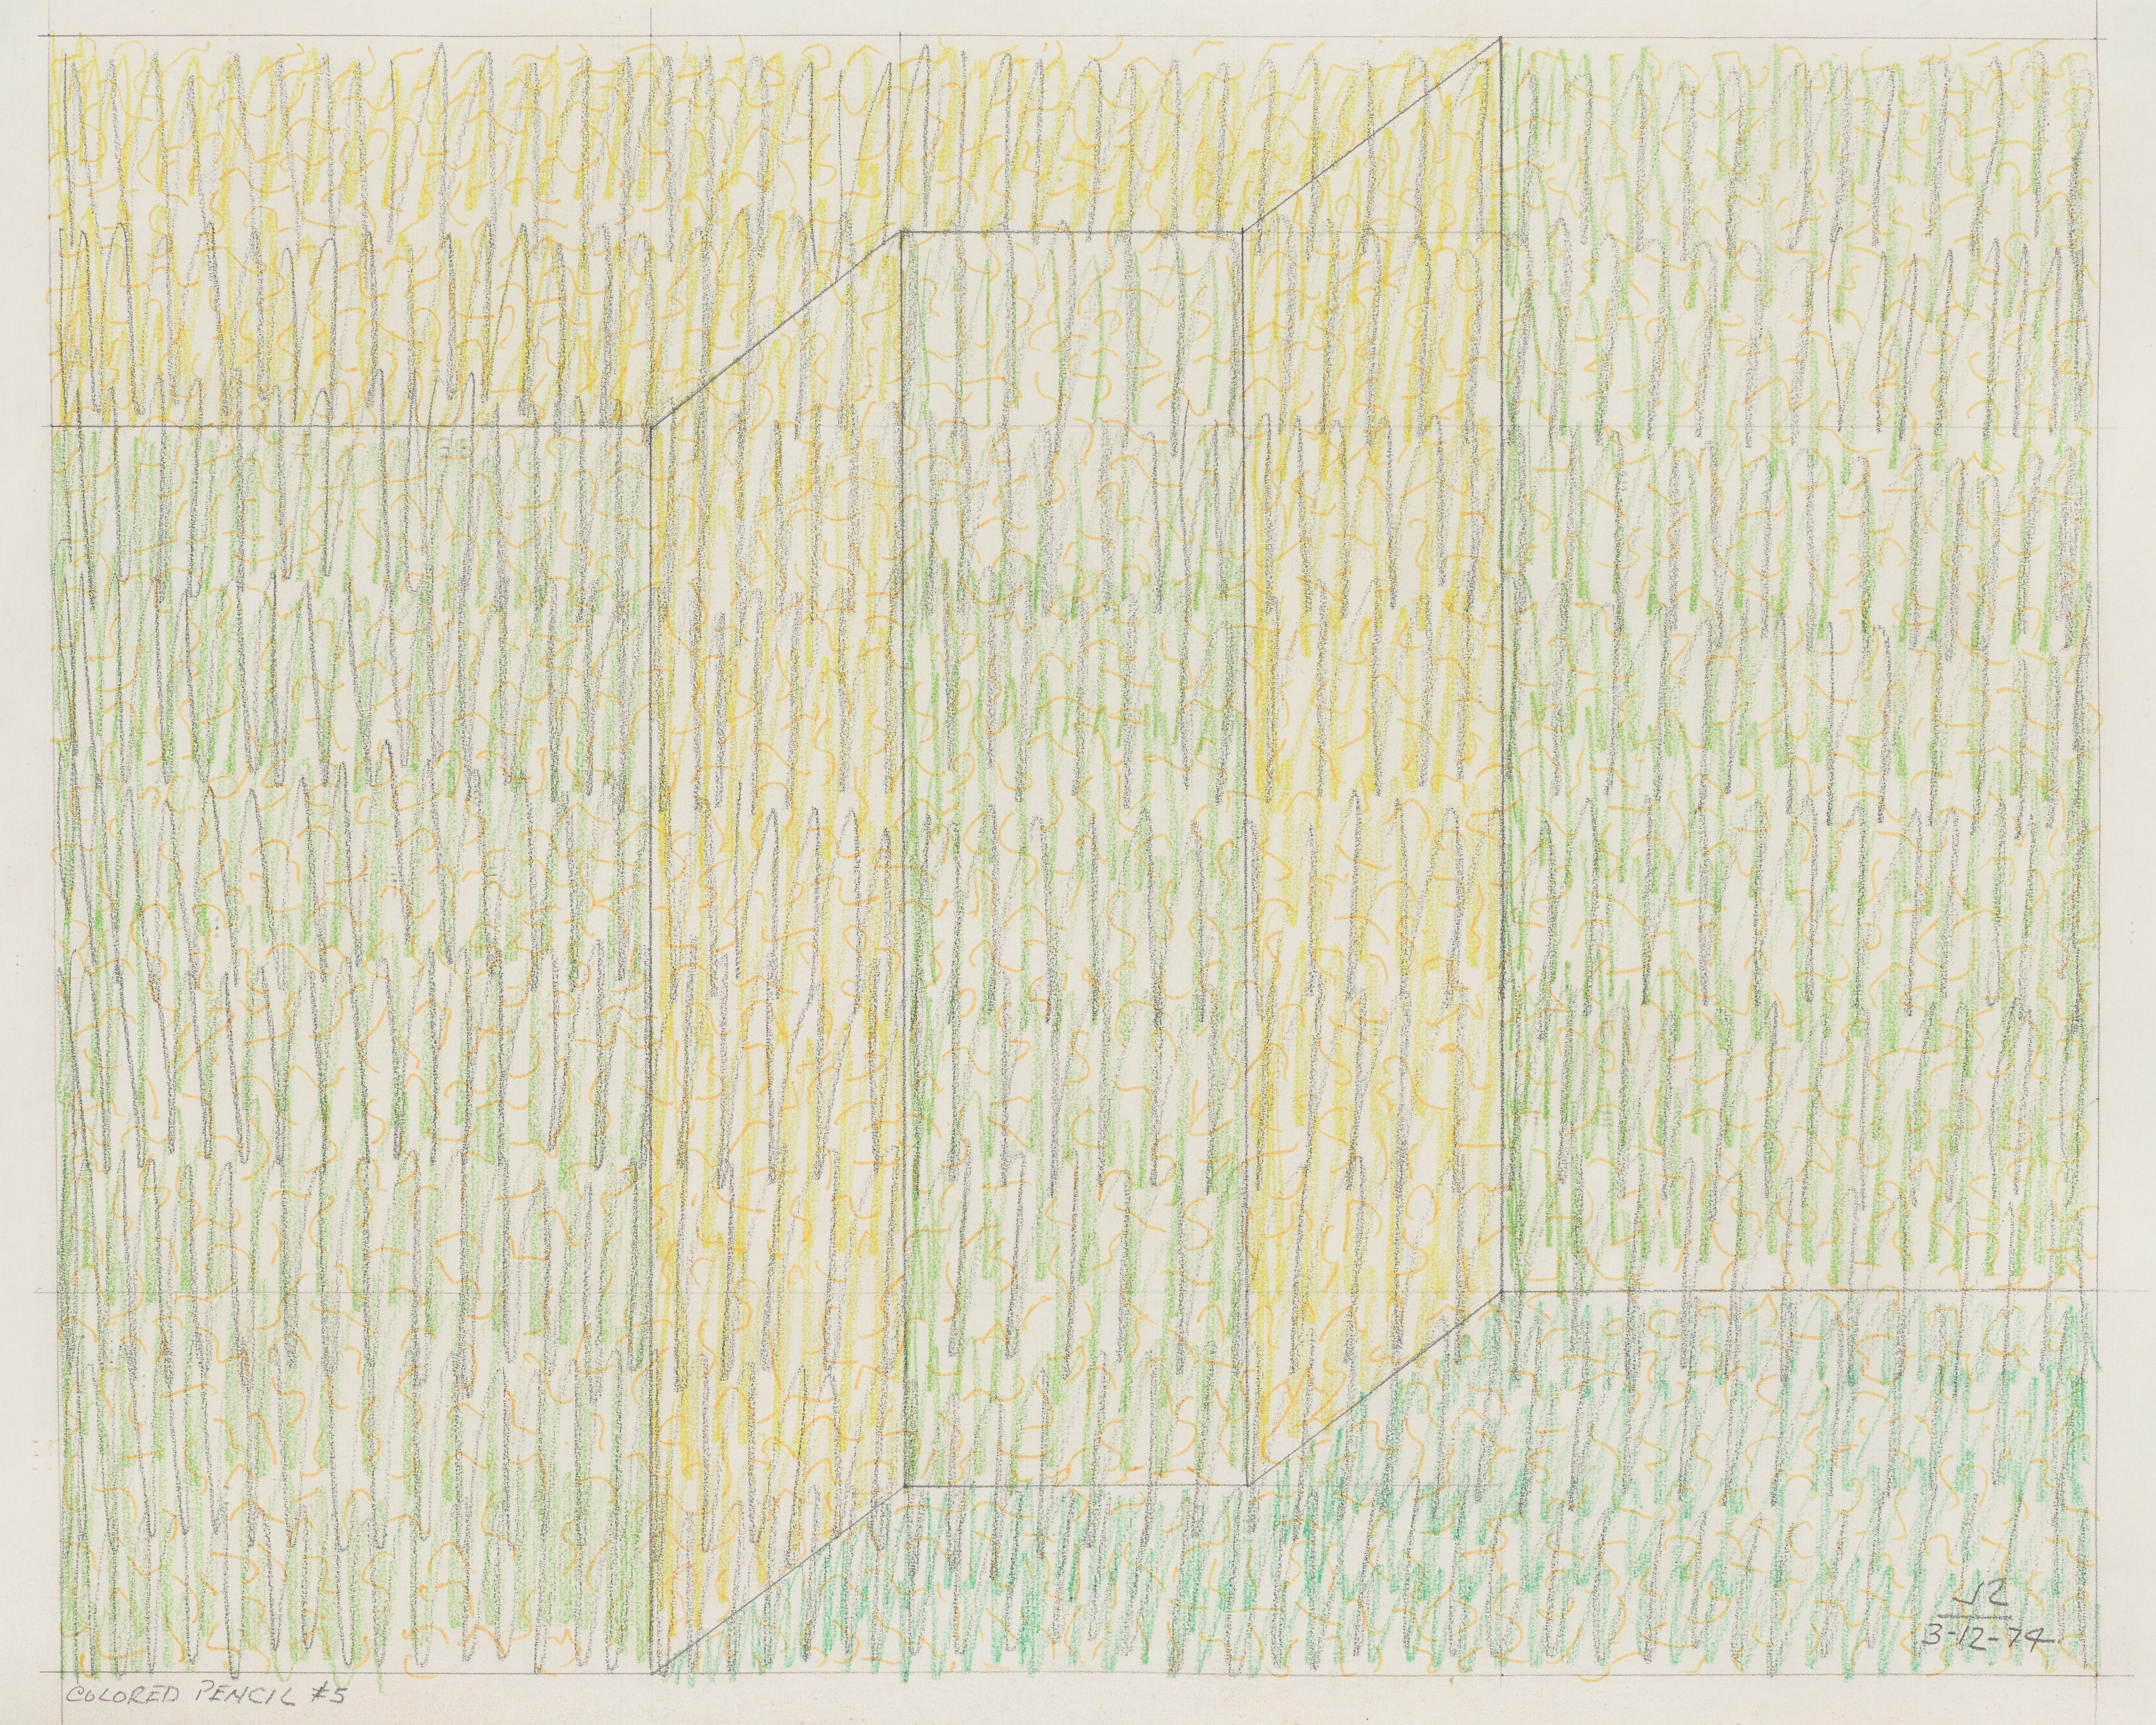 Colored Pencil #5, 1974, Colored pencil on paper